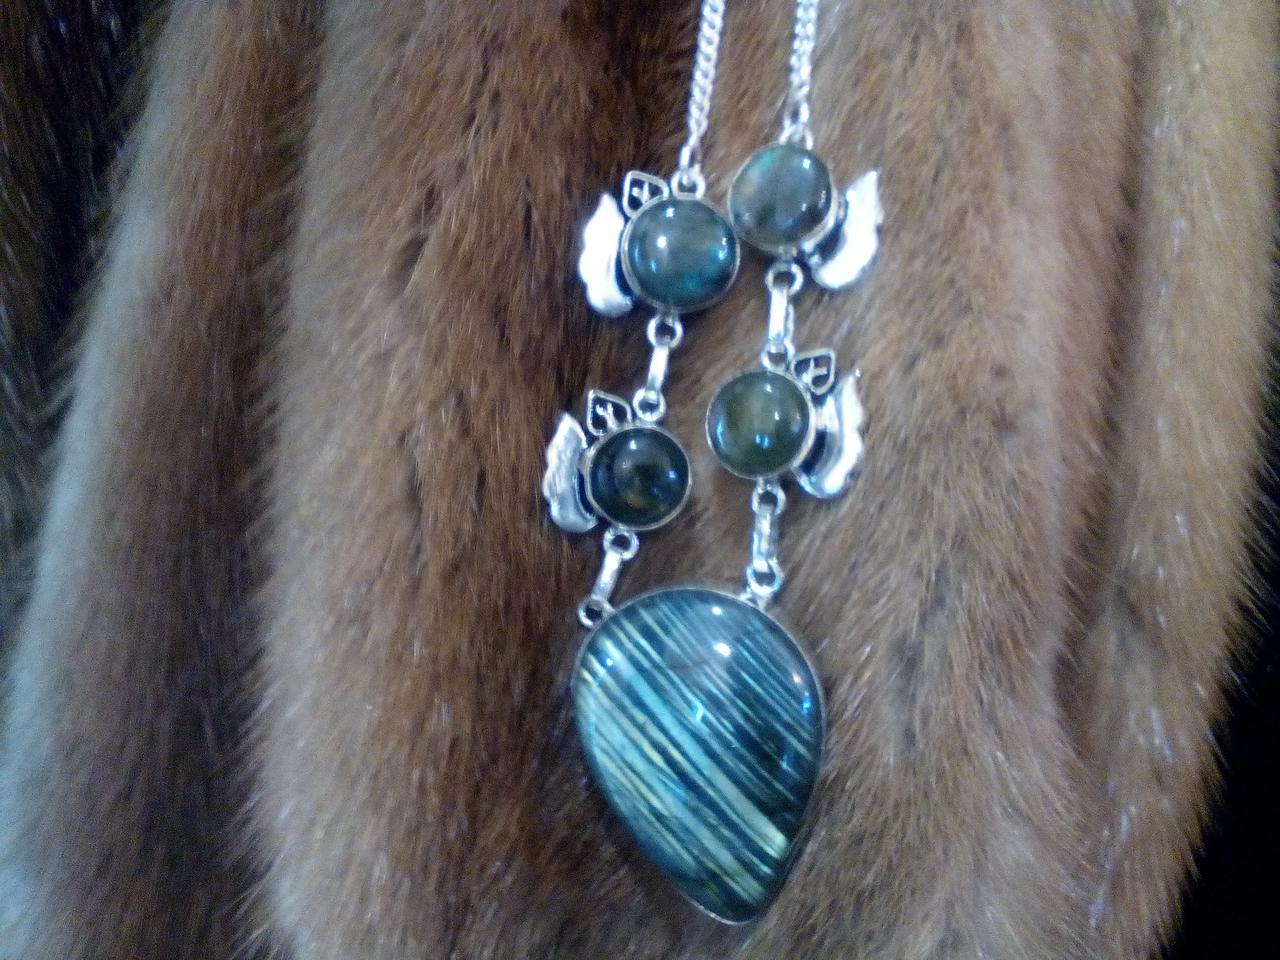 Красивое колье, ожерелье с камнем лабрадор в серебре. Индия!